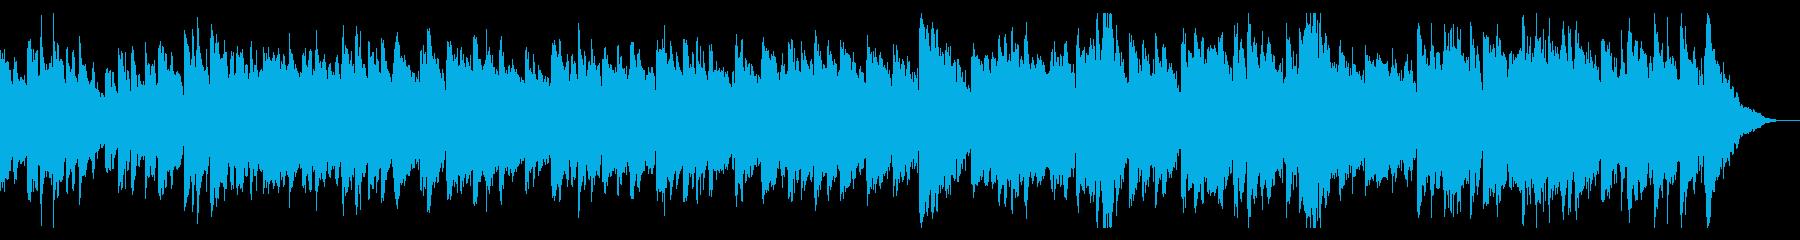 ロシア歌曲「赤いサラファン」シンセ版の再生済みの波形